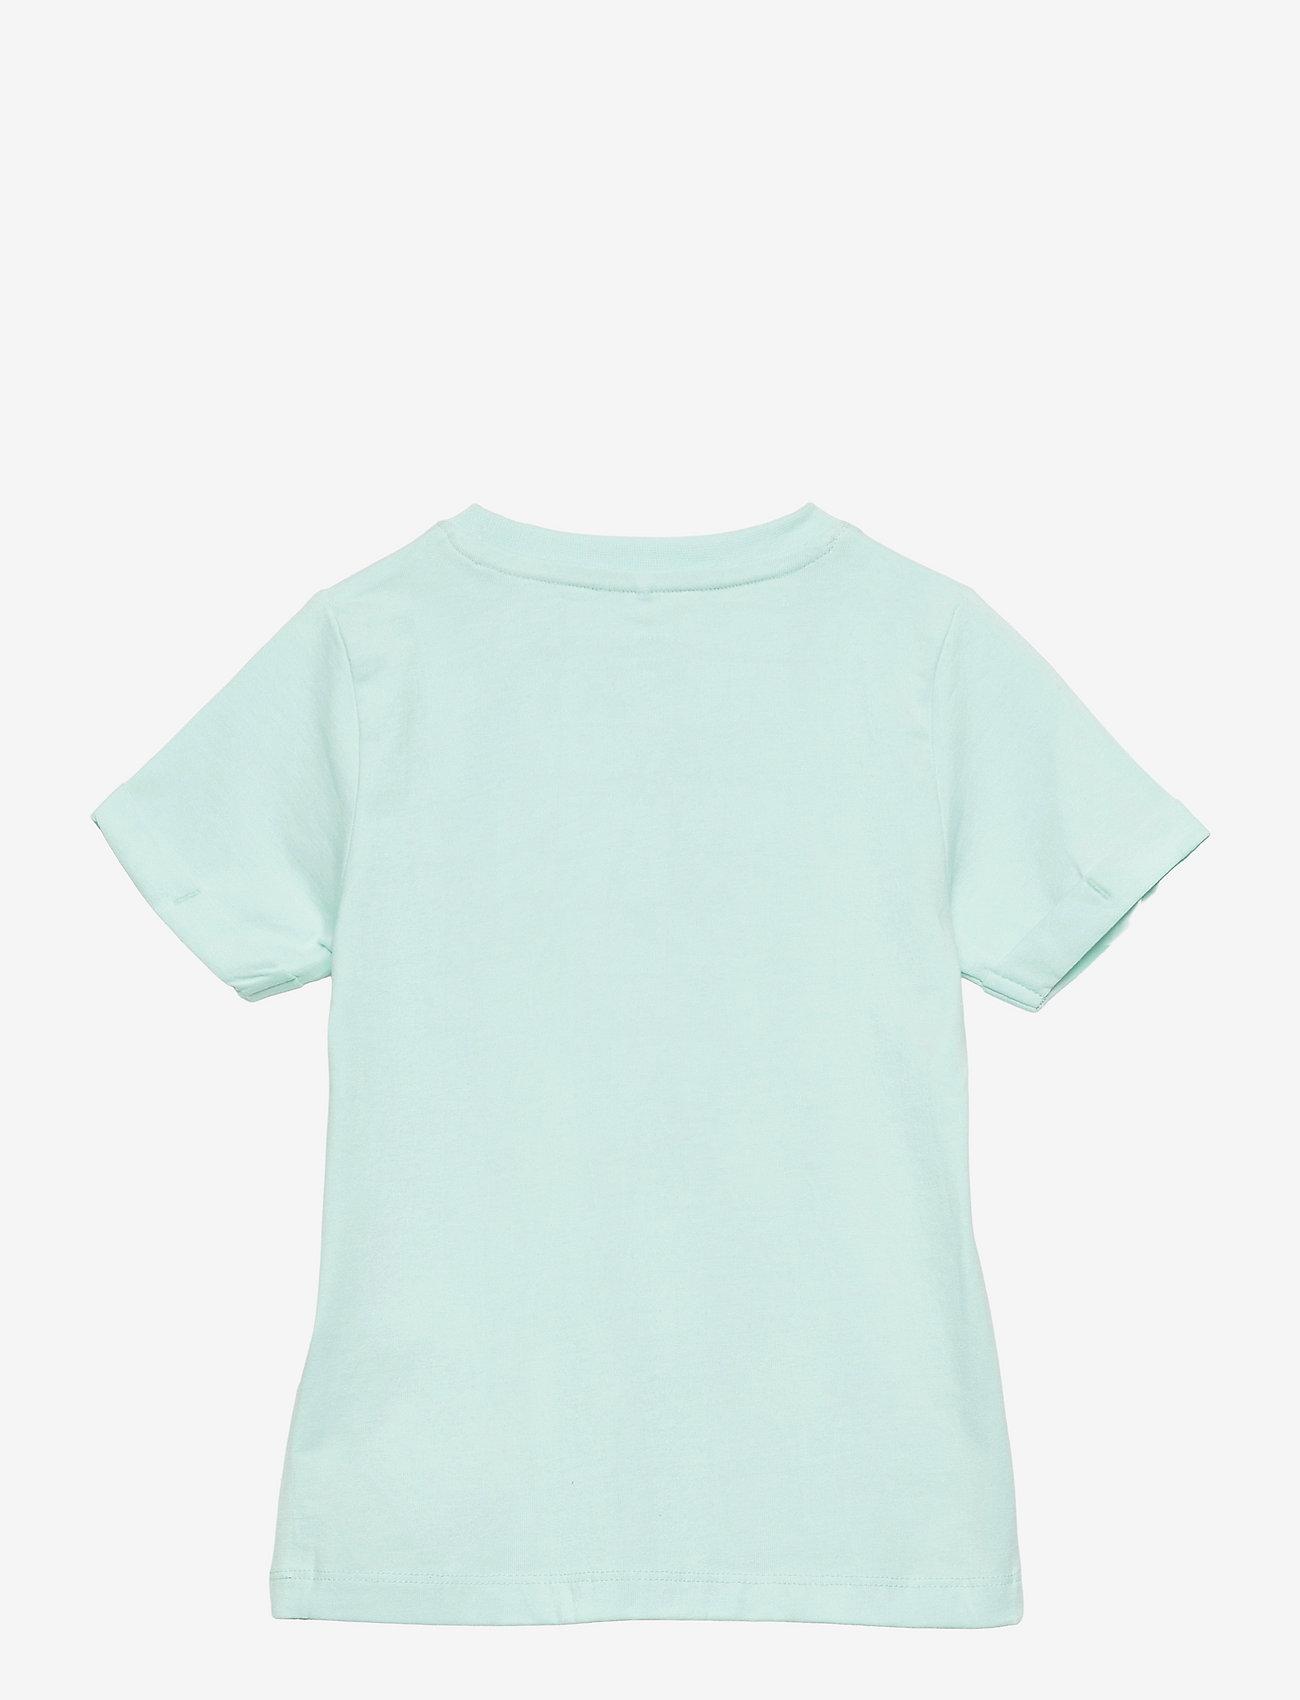 name it - NMMHOTWHEELS EVALD SS TOP LIC - korte mouwen - blue tint - 1